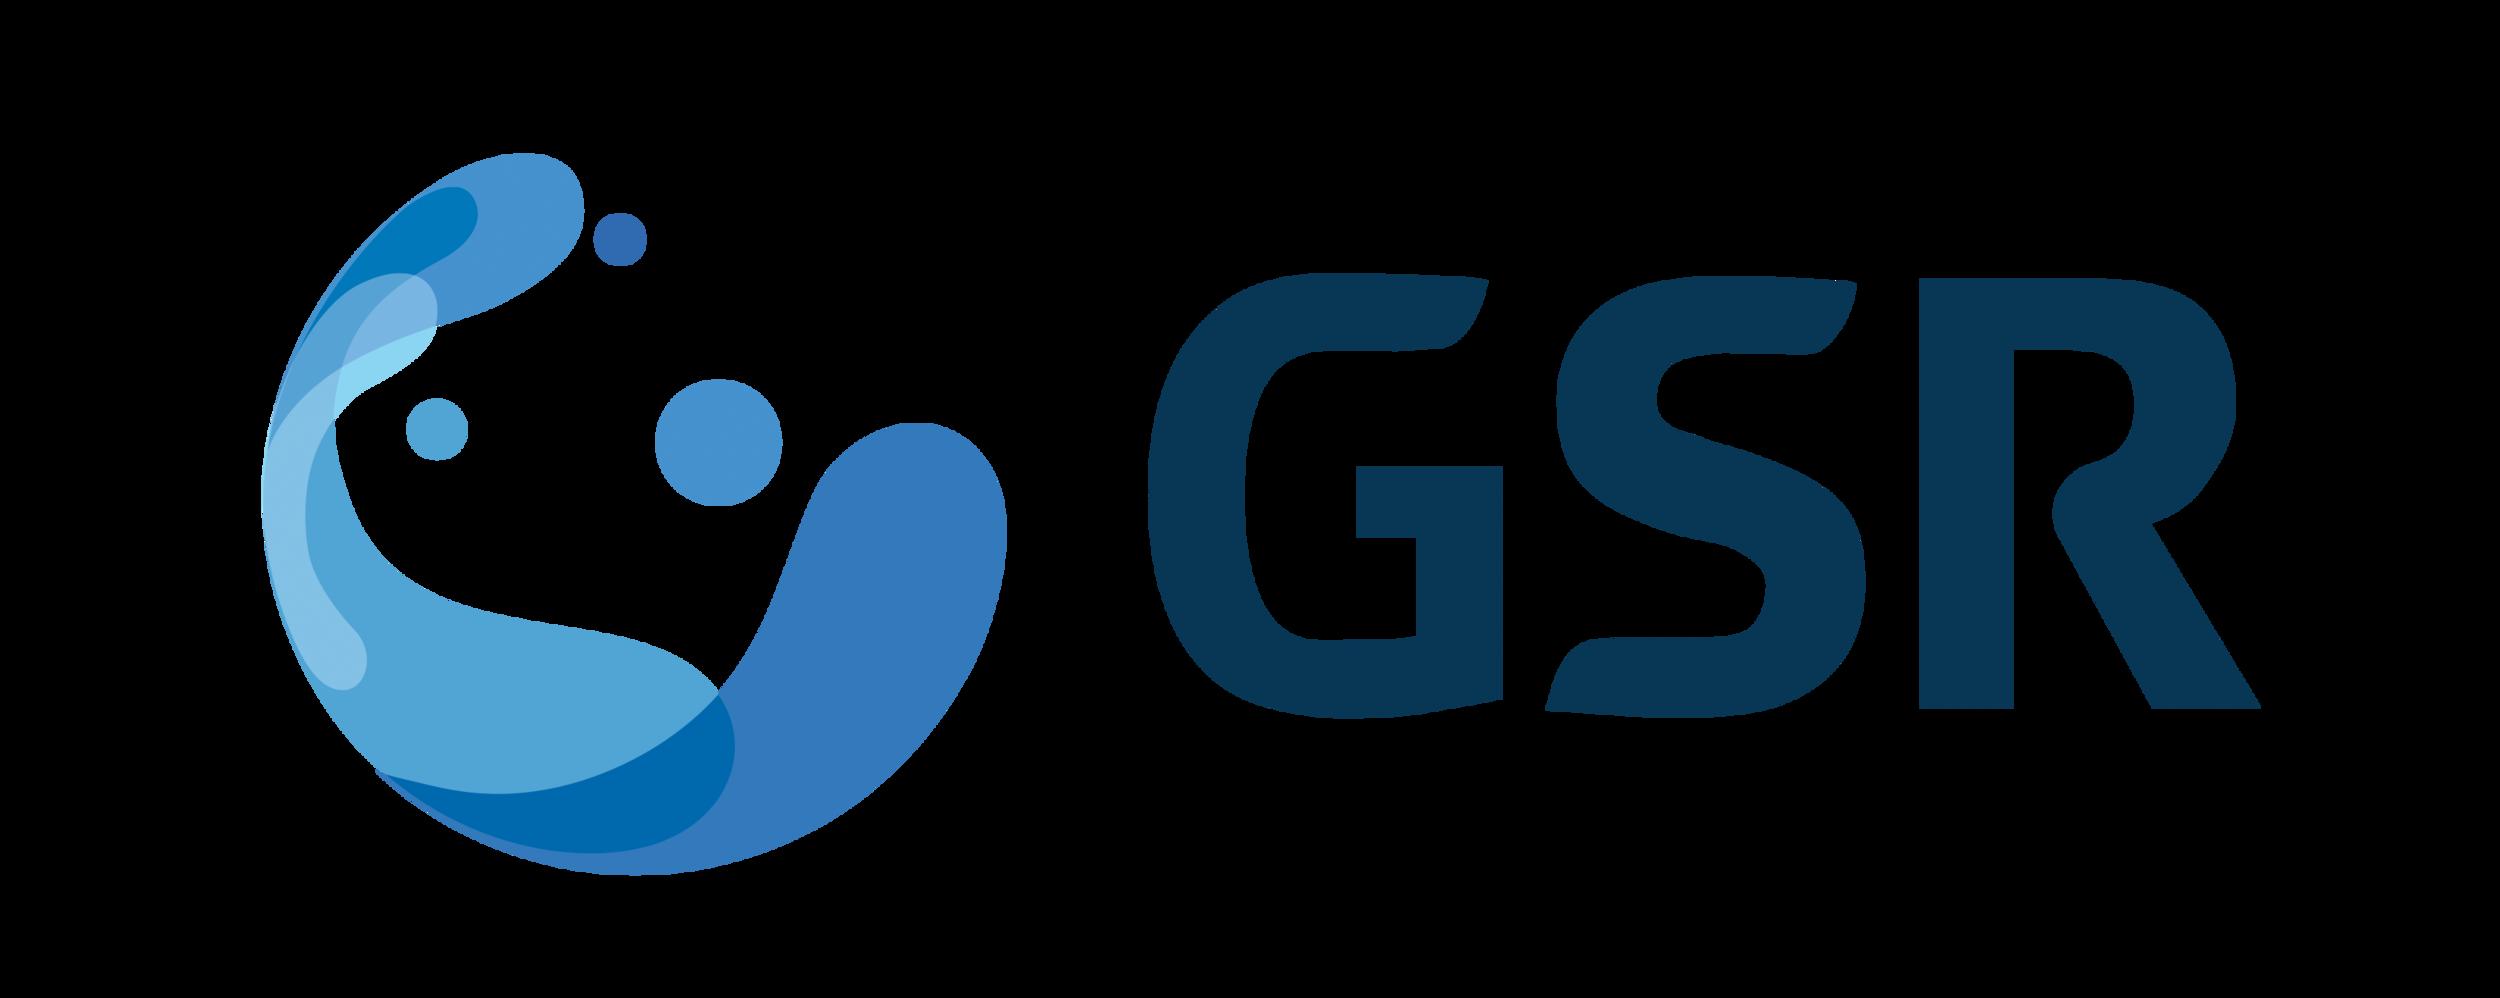 GSR-logo (1).png